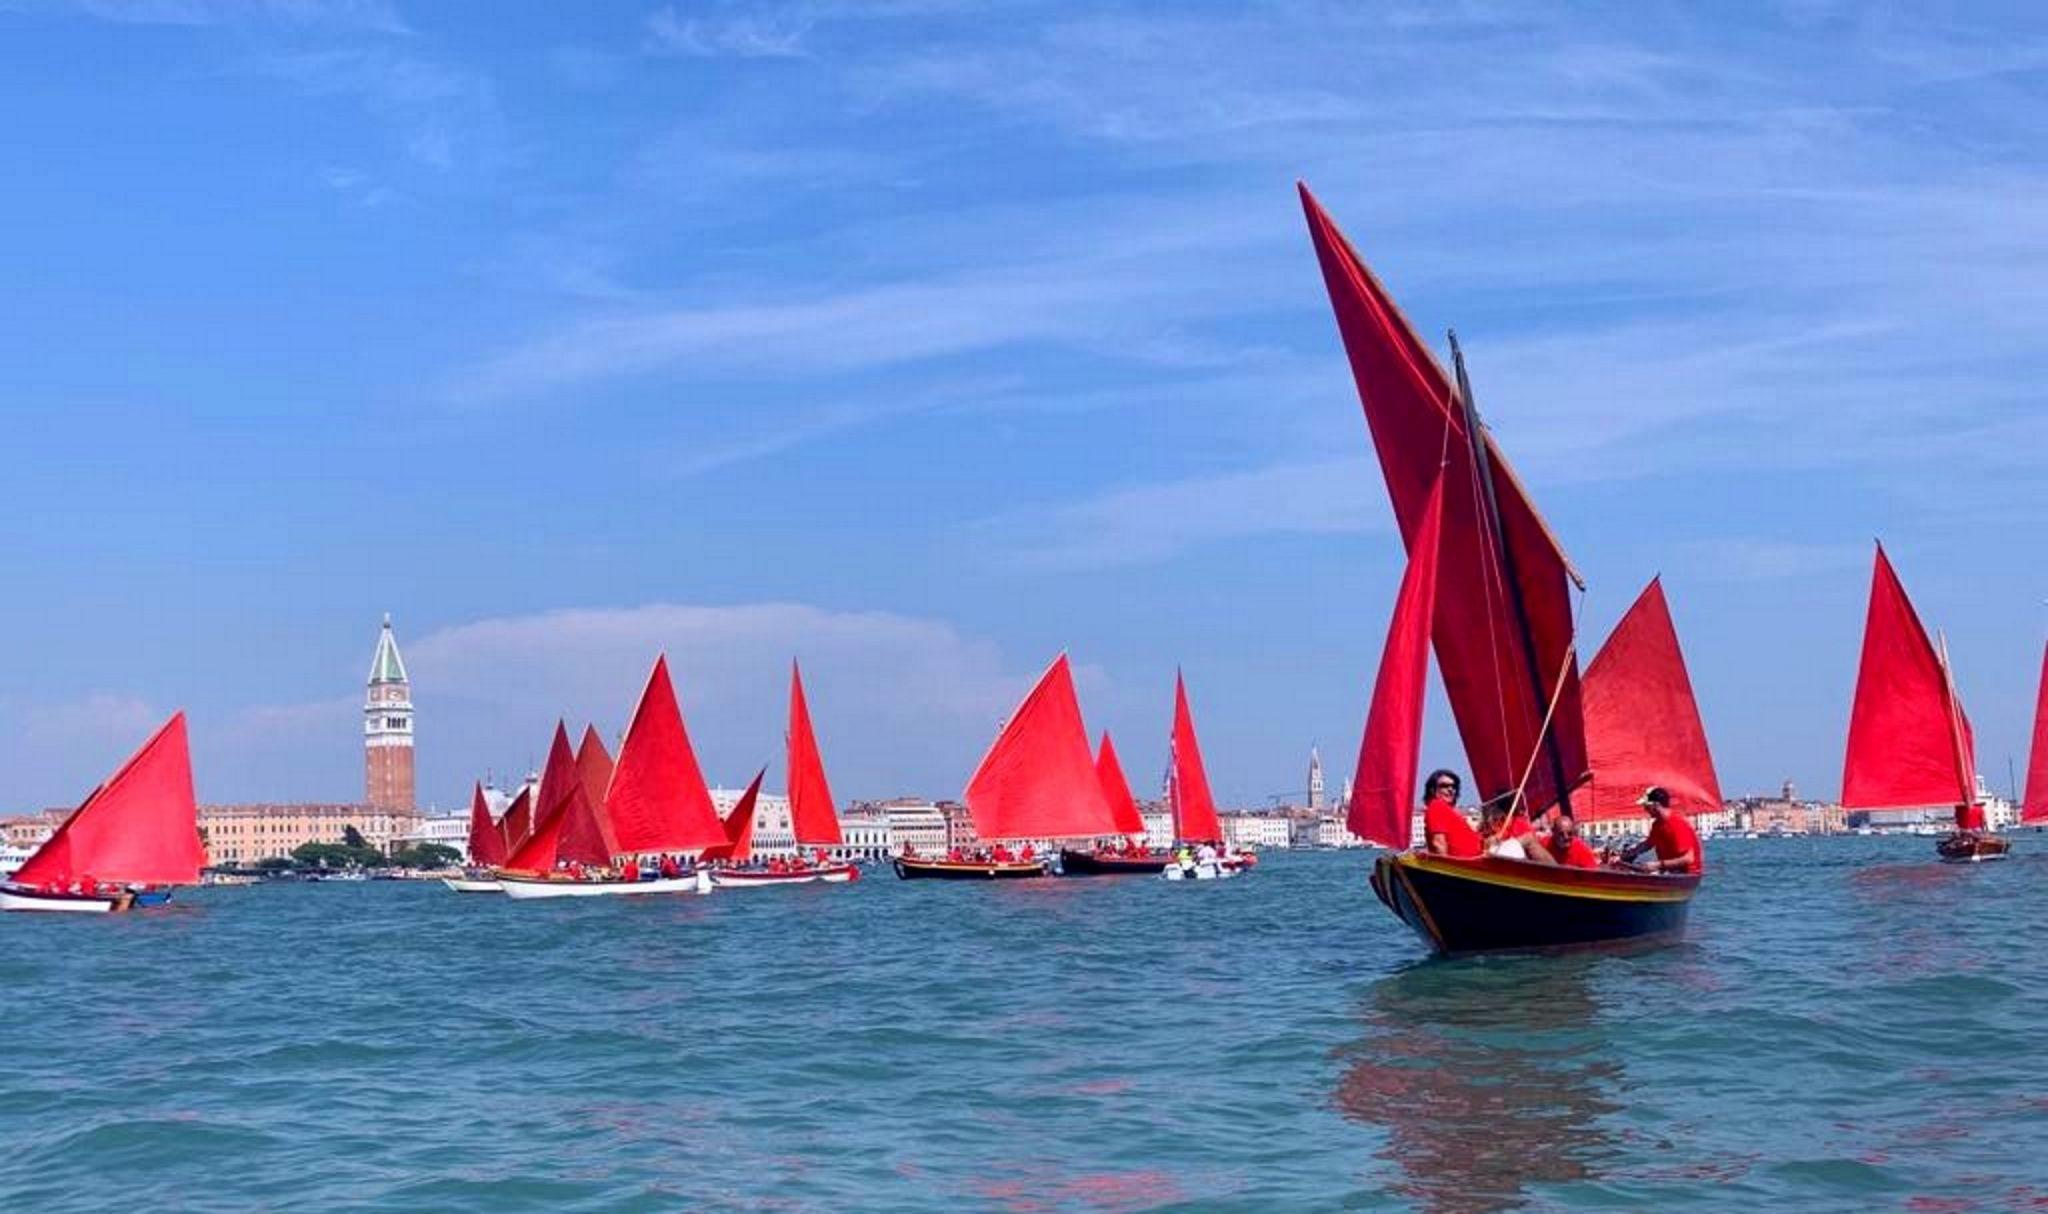 Melissa McGill, Red Regatta, Bacino di San Marco, Venezia (foto Anna Mattioli)